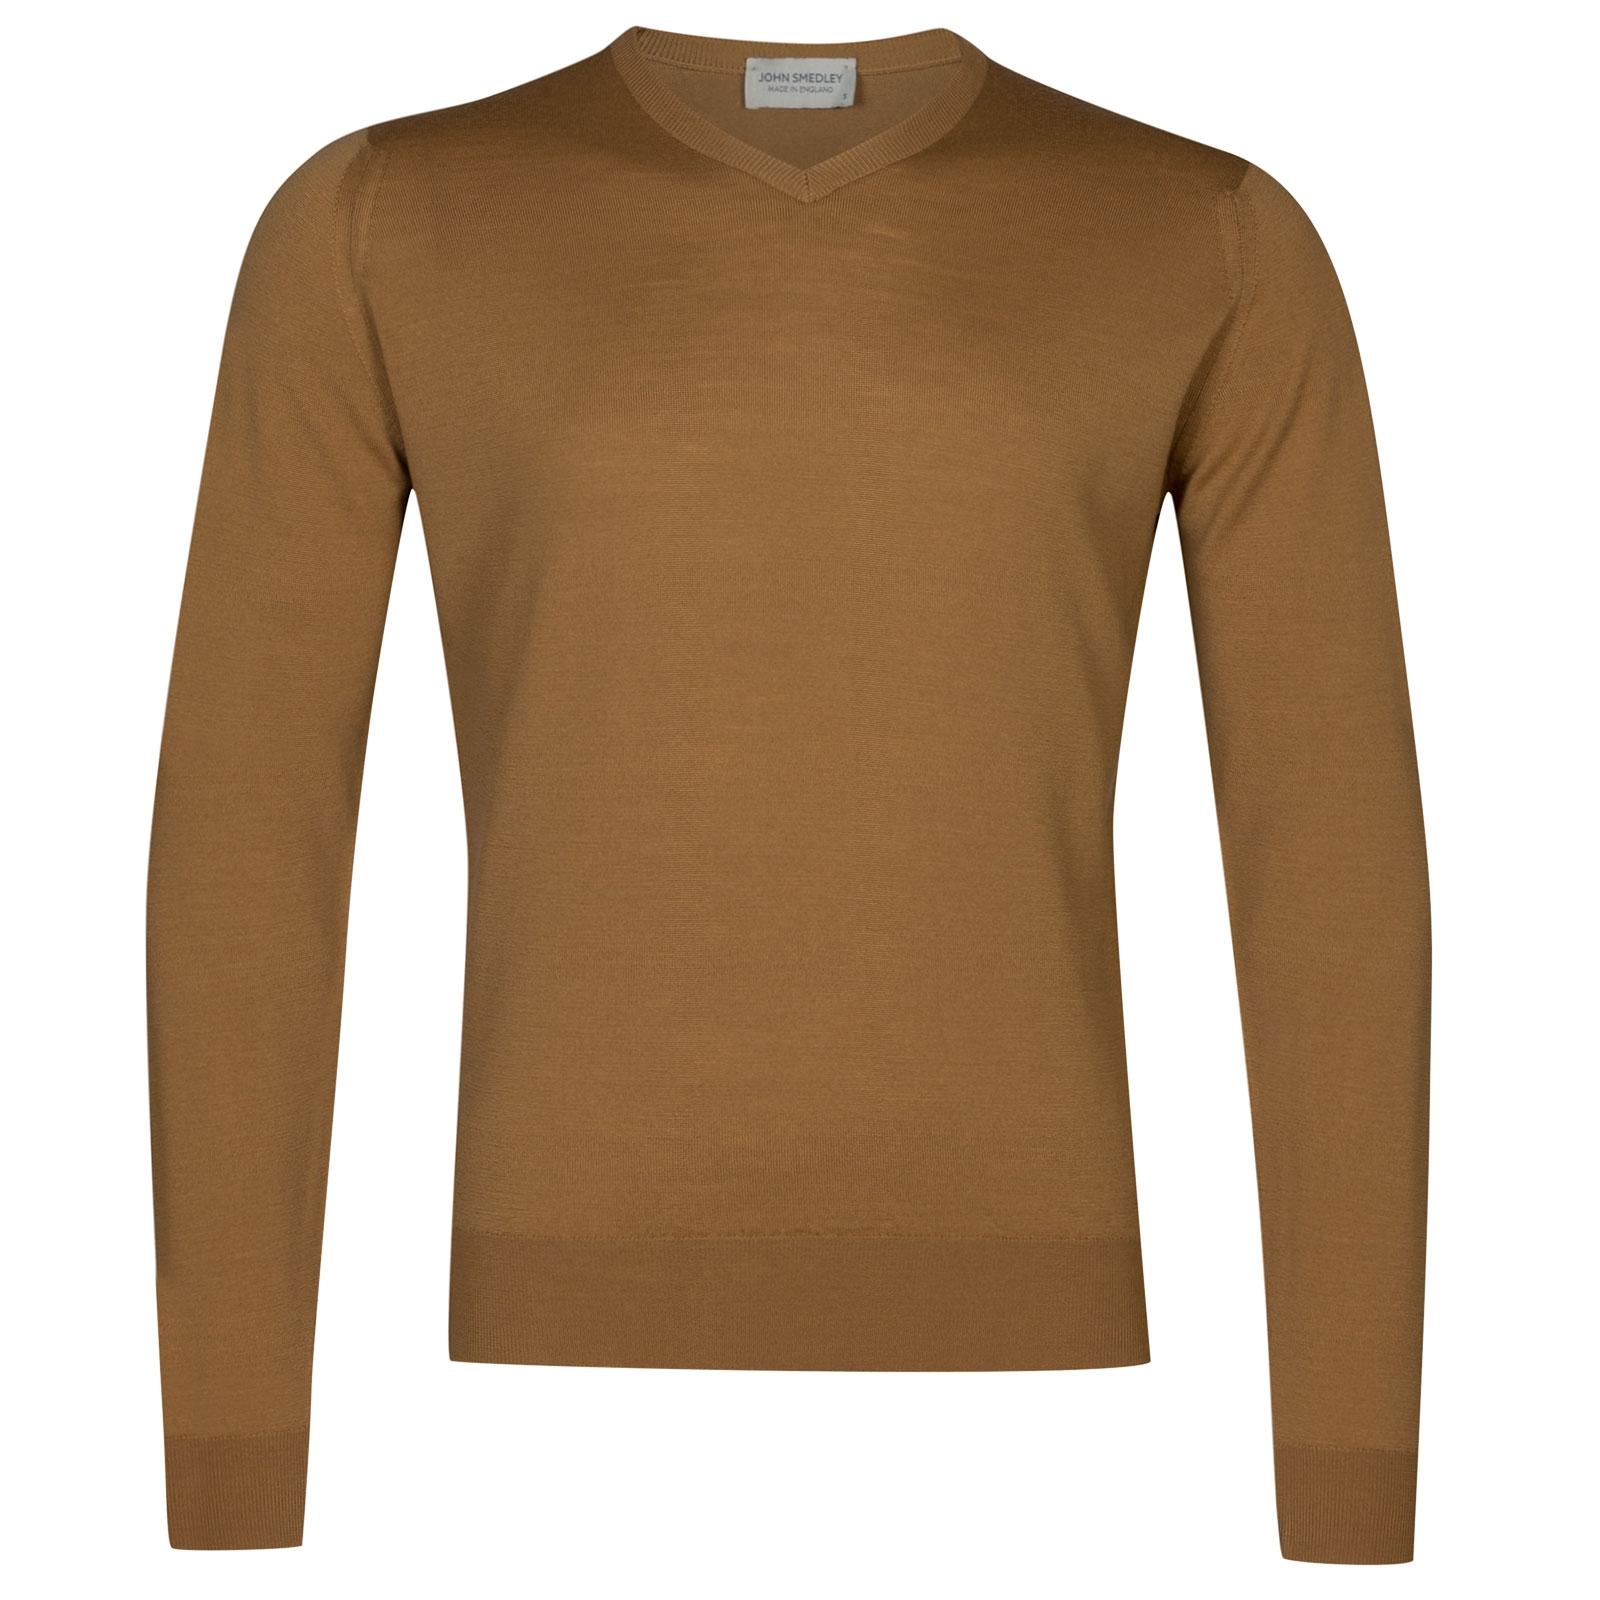 John Smedley Genoa Merino Wool Pullover in Camel-L